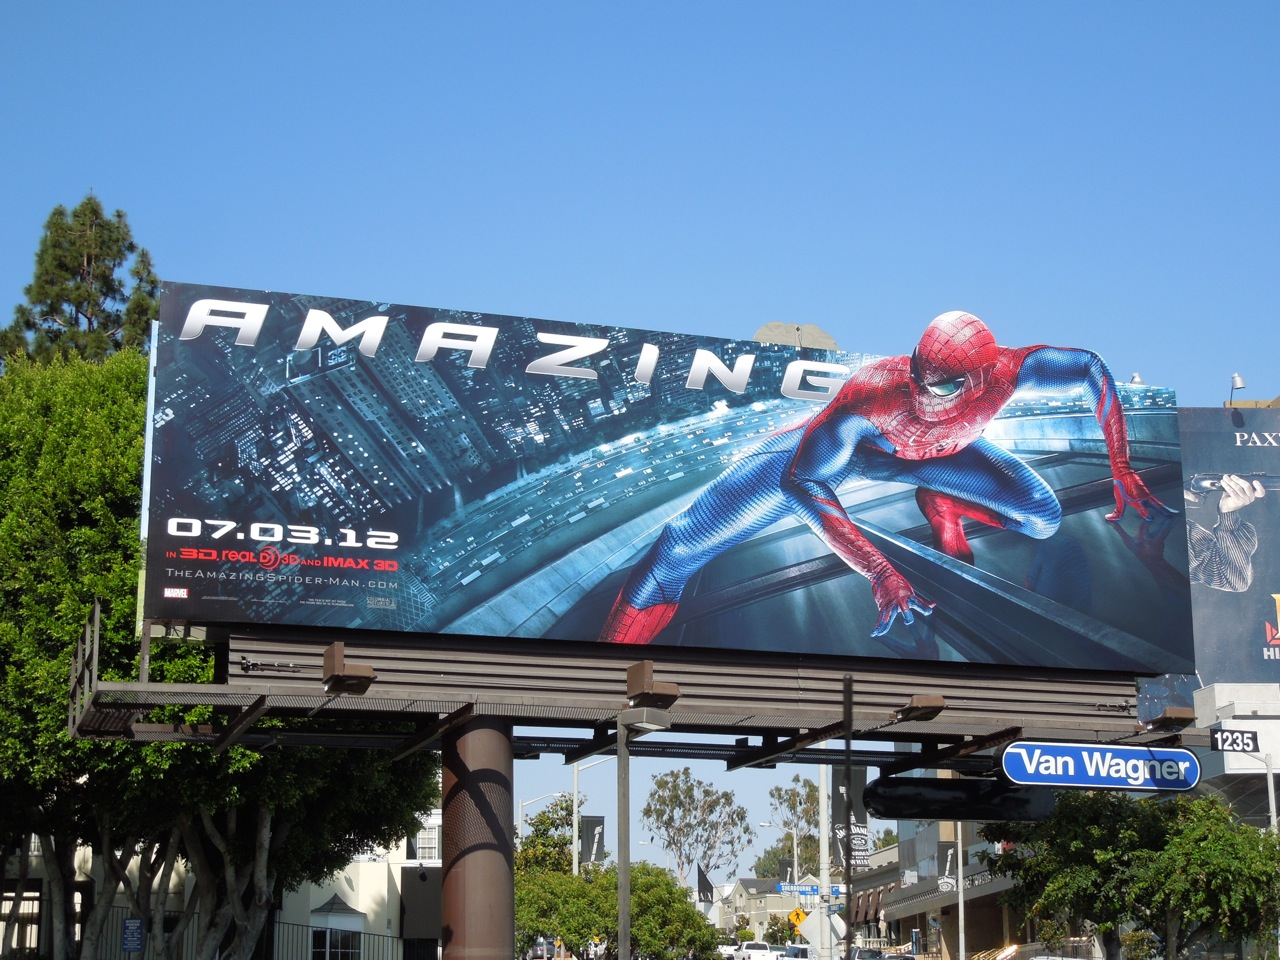 http://2.bp.blogspot.com/-sr3ilt8xs4M/T8pKkwxoTmI/AAAAAAAAsBk/79-ocWmkCO8/s1600/amazing+spiderman+2012+billboard.jpg